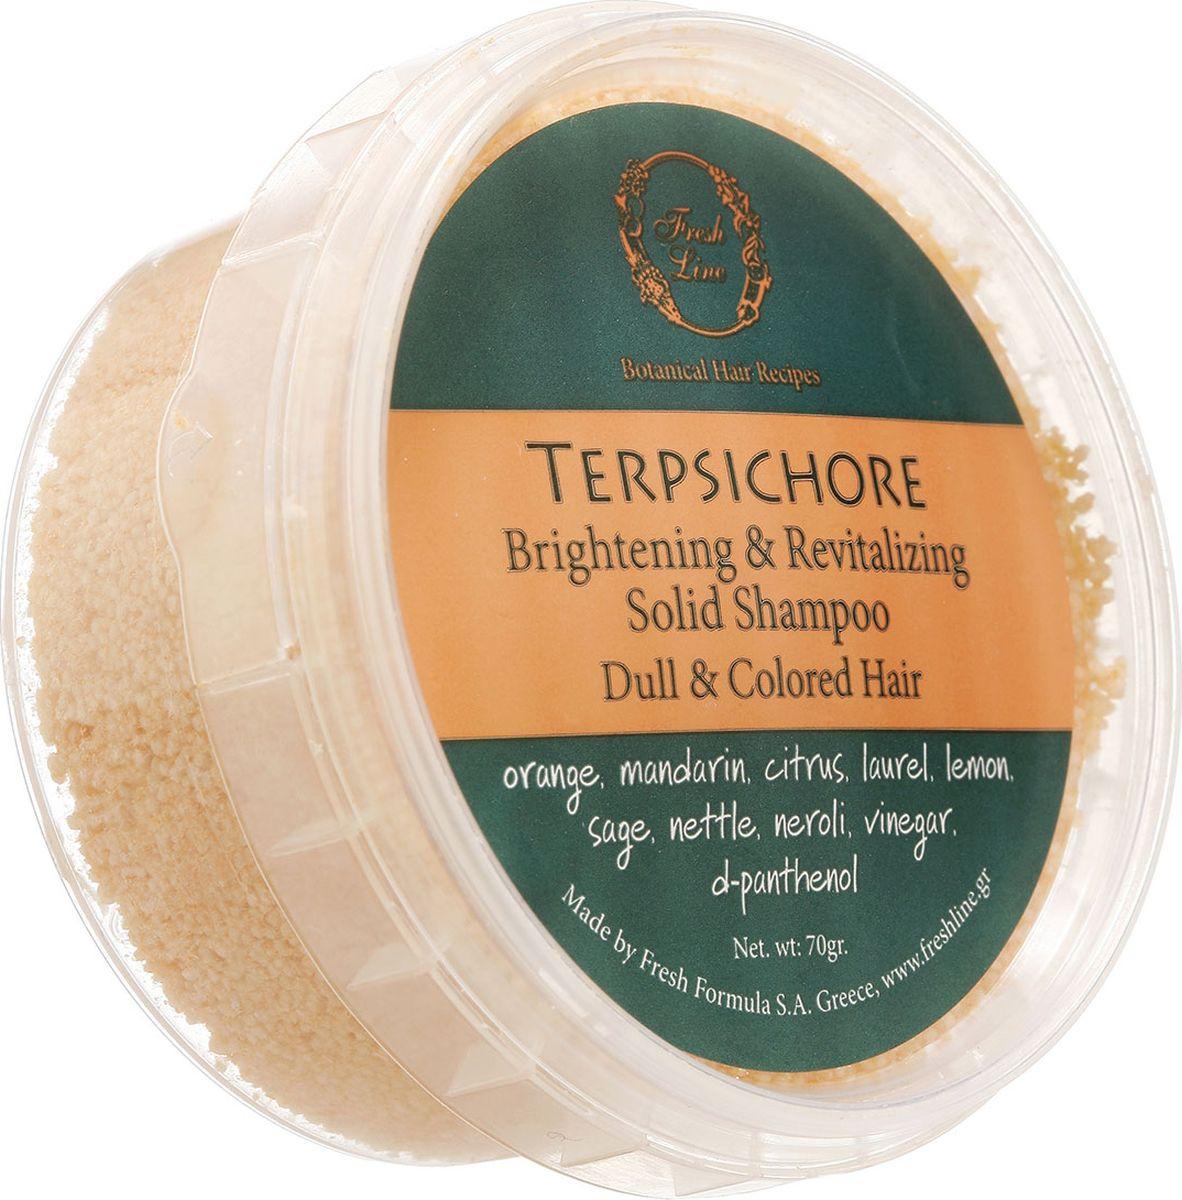 Fresh Line Шампунь твердый для волос для силы и блеска Терпсихора, 70 г12510Содержит смесь тонизирующих и укрепляющих эфирных масел: лимона, апельсина, нероли, лавра благородного, кедра, шалфея мускатного. Придает сияние тусклым волосам. Также может применяться для волос с жирными корнями и сухими кончиками.